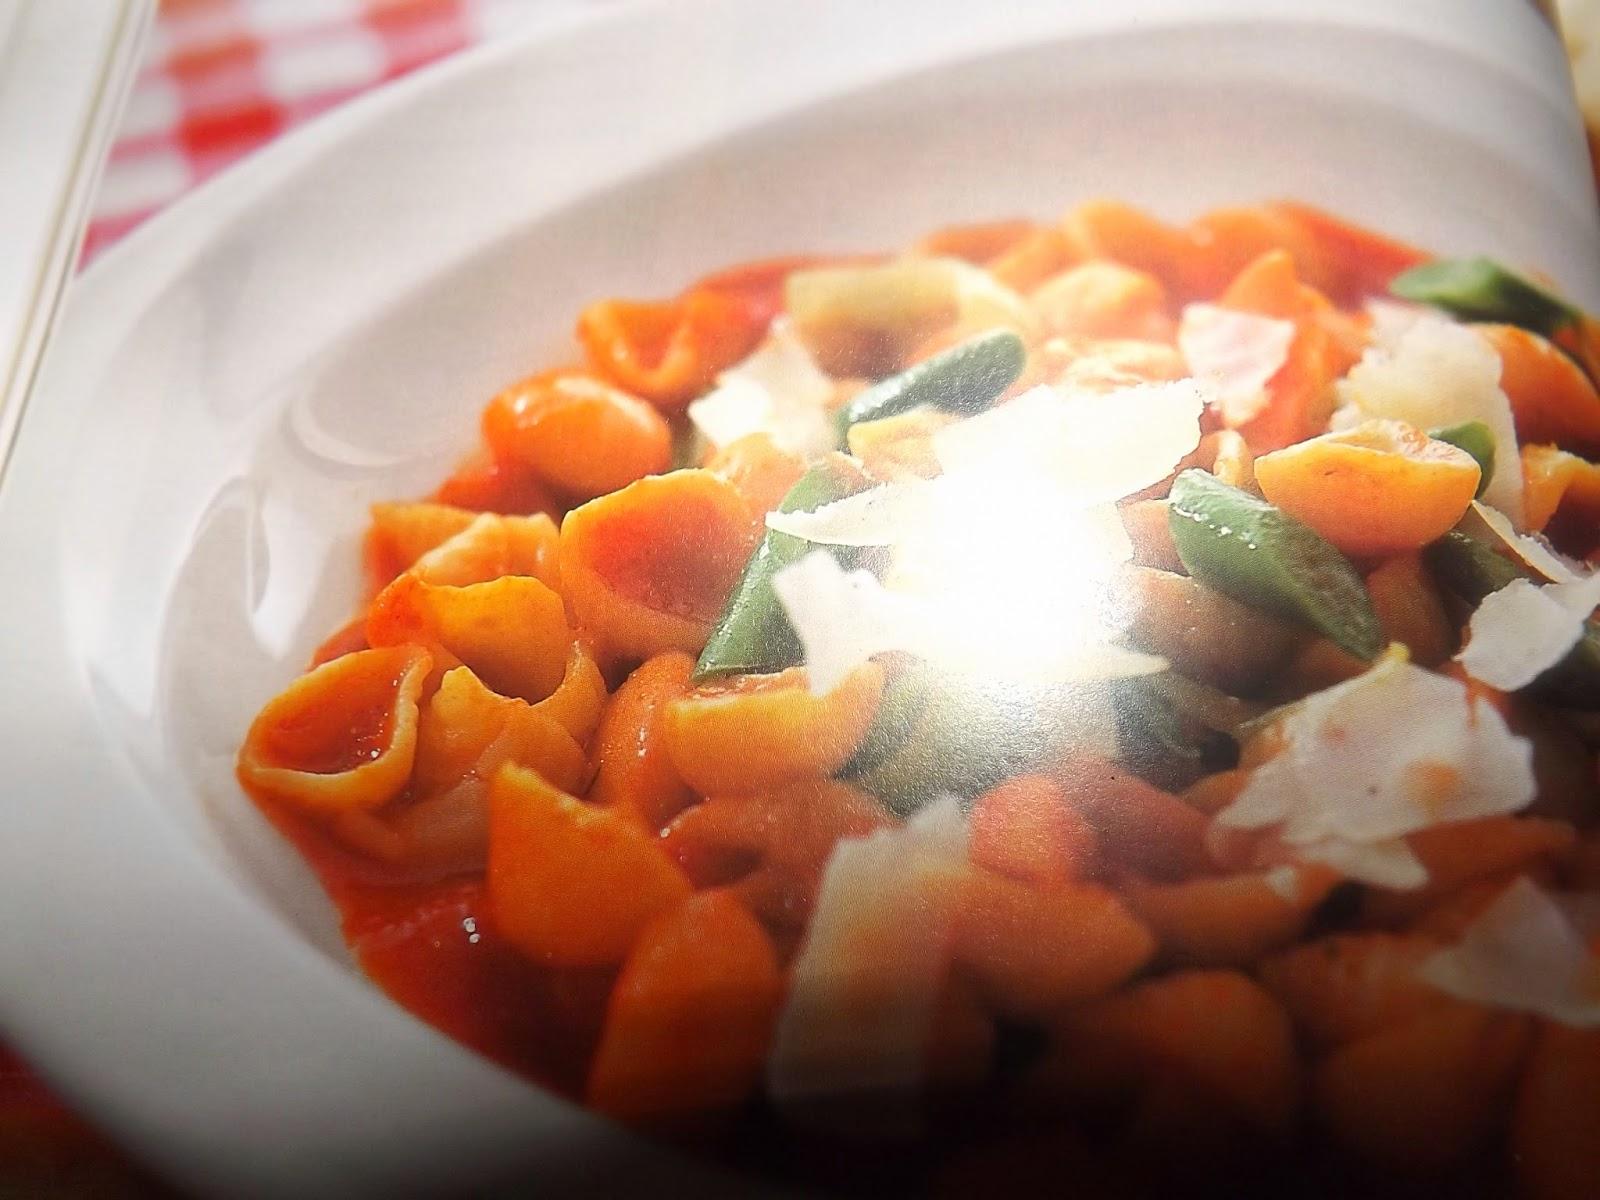 cara membuat sup kacang merah, cara memasak